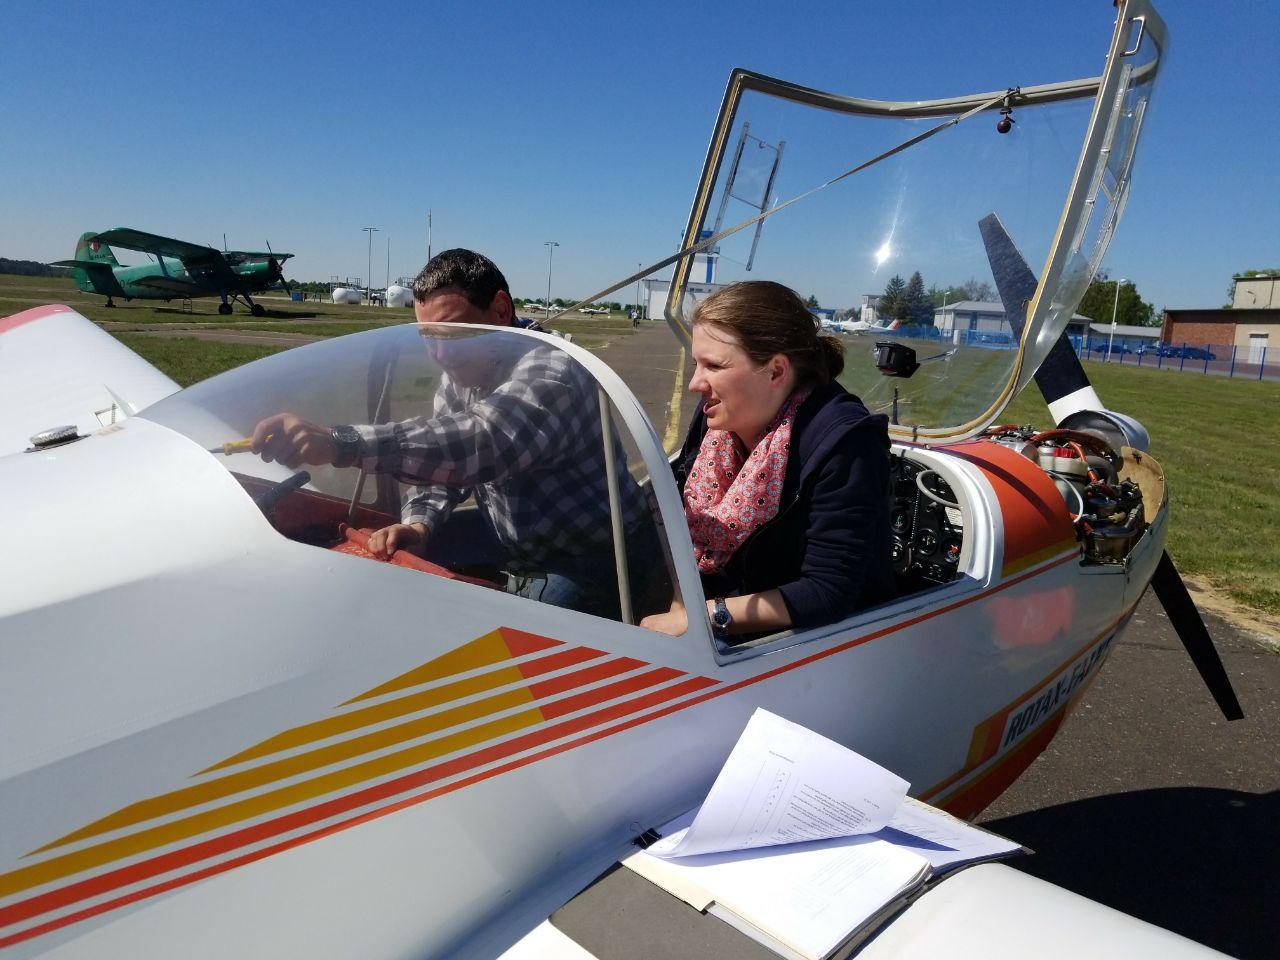 Flugschüler untersuchen das Flugzeug -- auch Technik ist Teil der Ausbildung